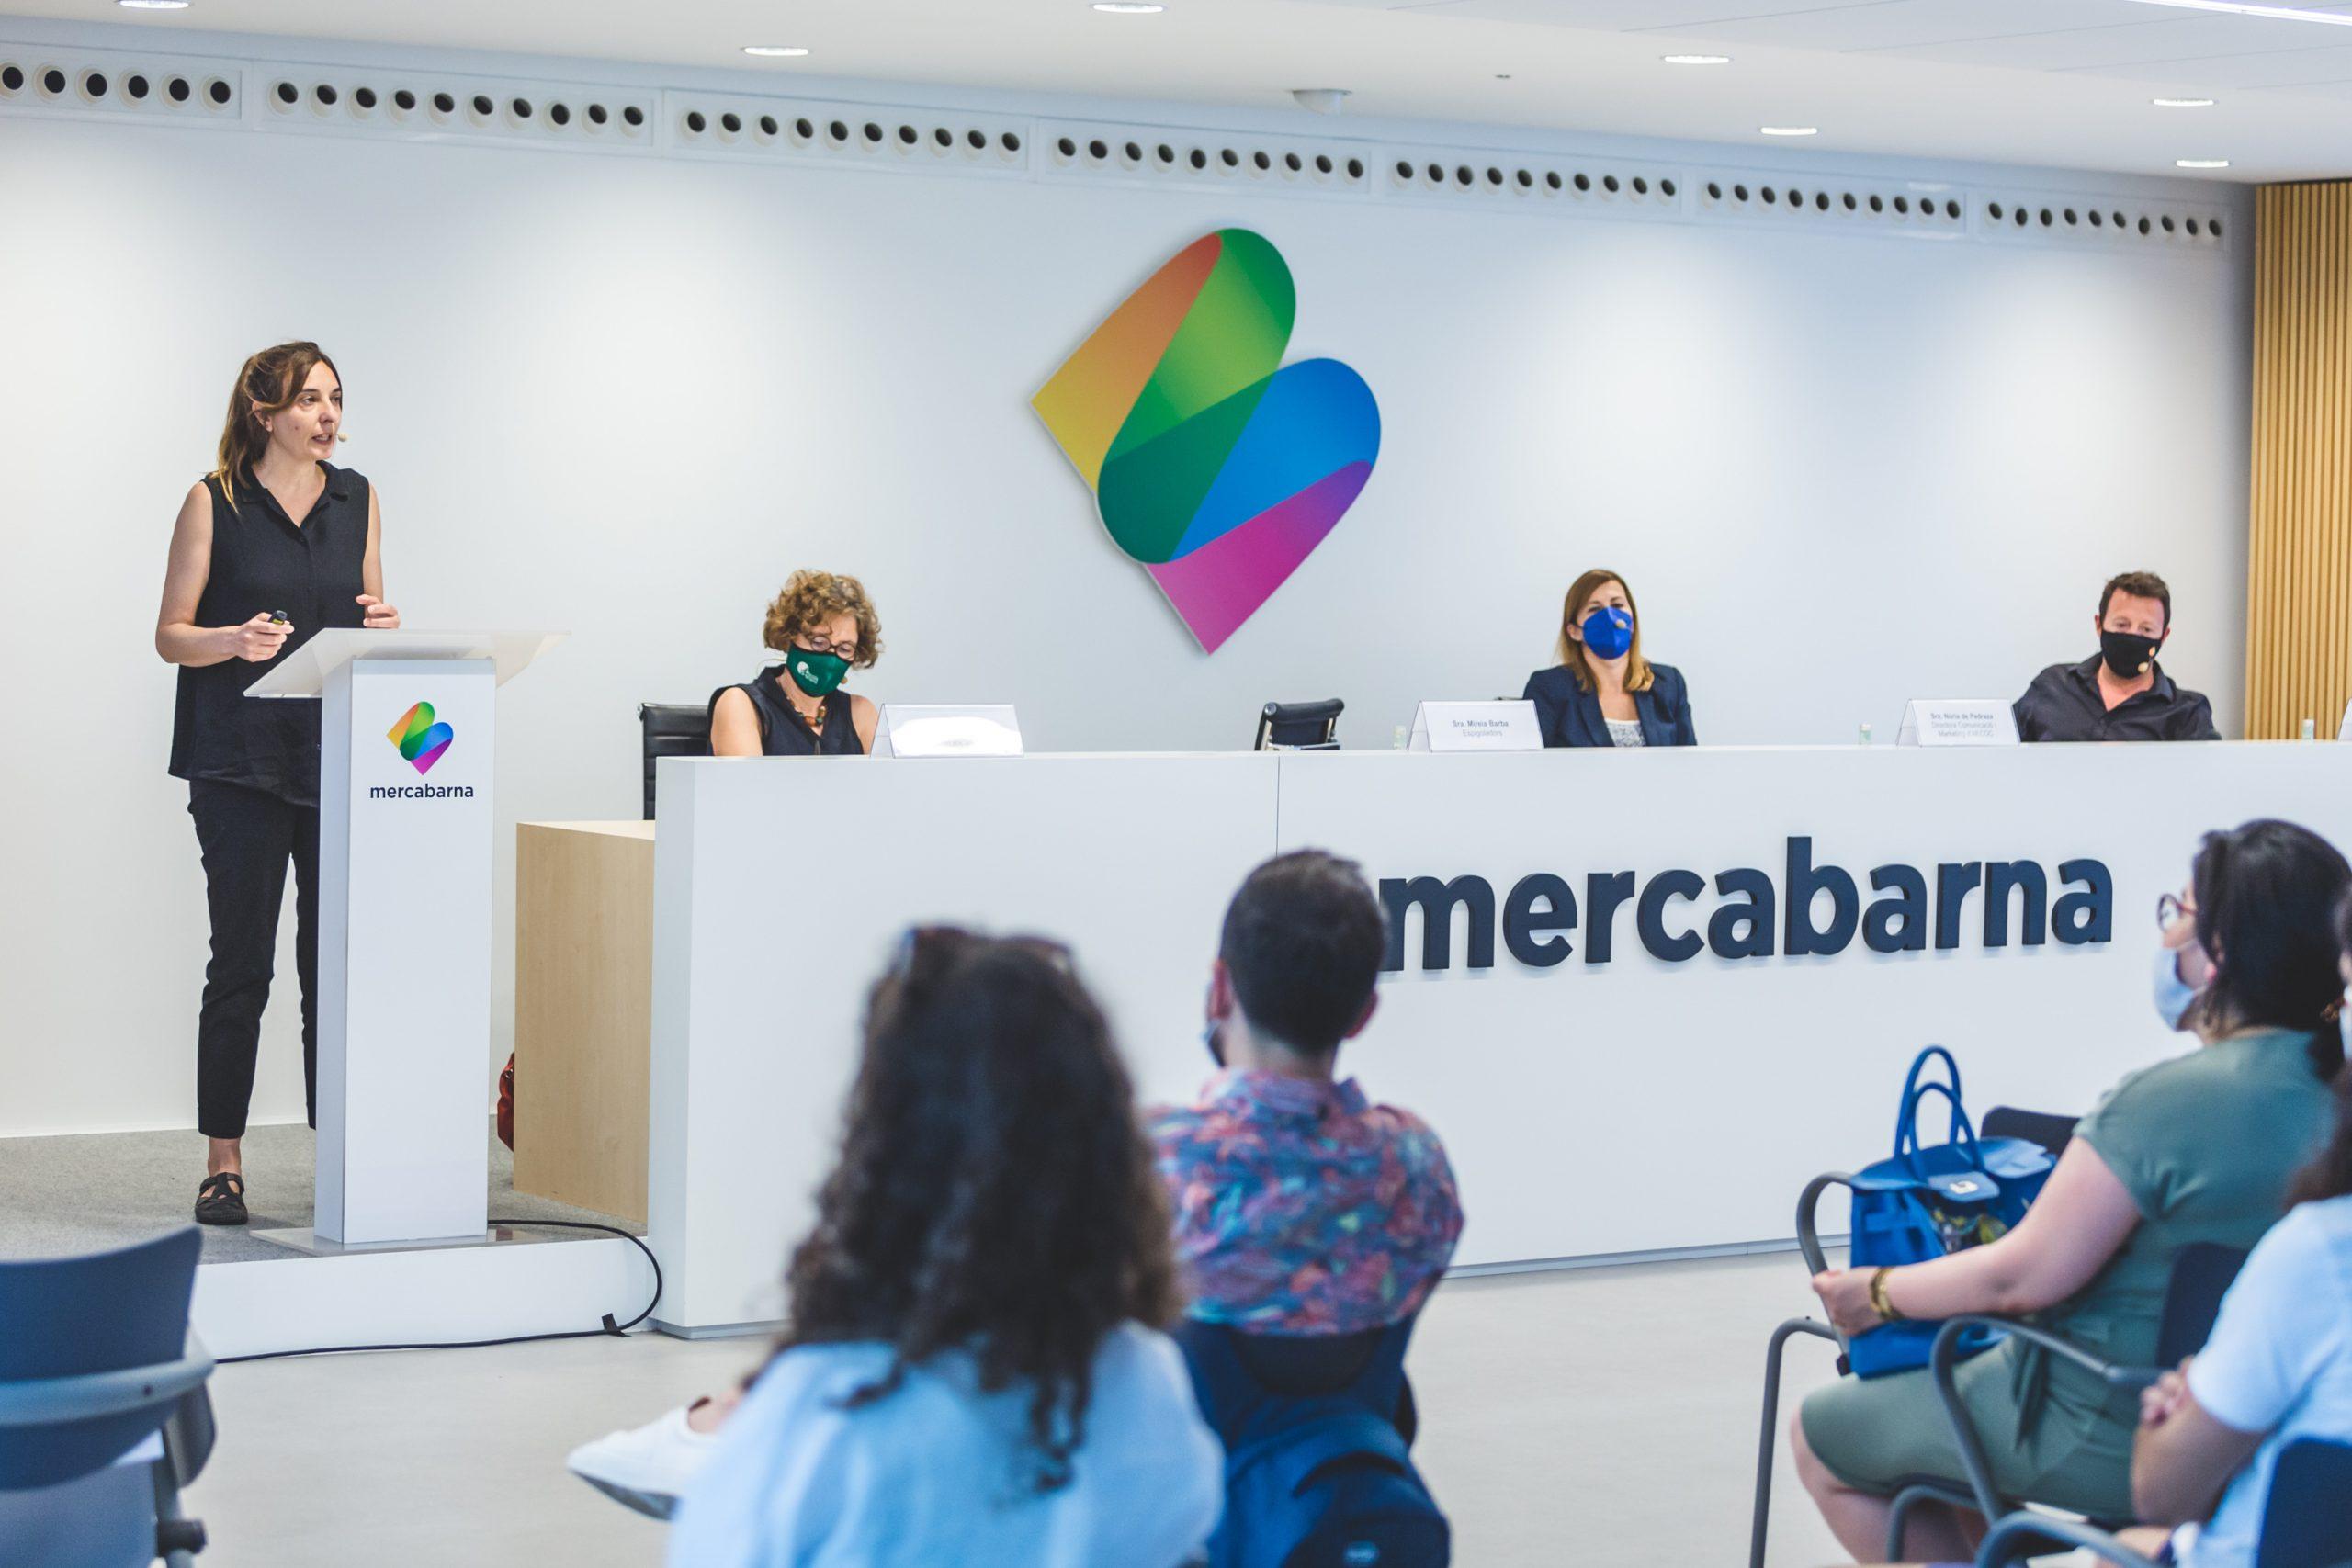 Montserrat Ballarín, presidenta de Mercabarna i José Ramón Sempere, president de Mercasa, durant la inauguració de la Universitat d'Estiu de Mercabarna |Pere Cots